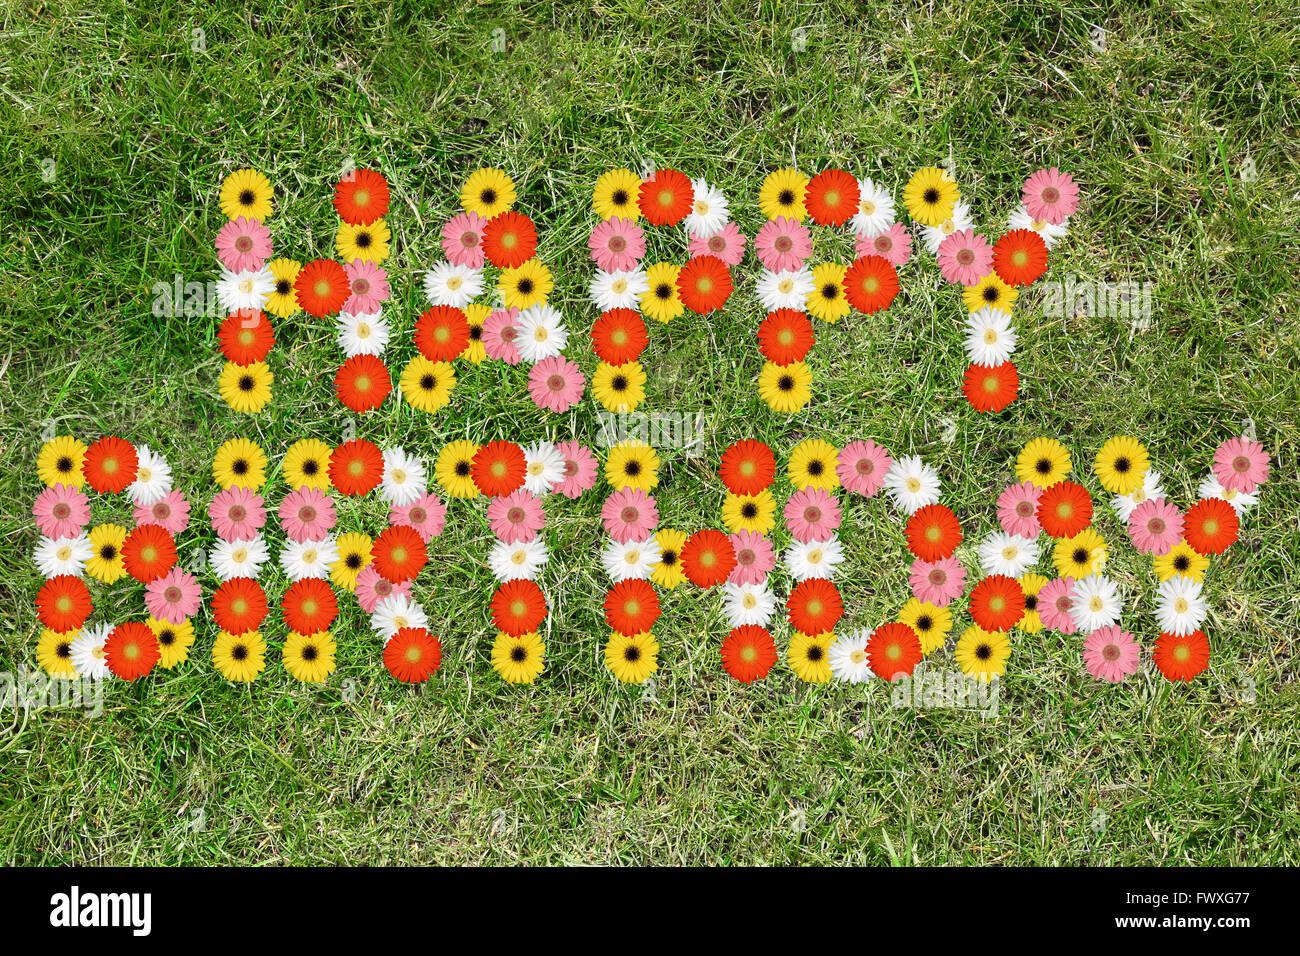 Alles Gute Zum Geburtstag Mit Blumen Blume Natur Wiese Rasen